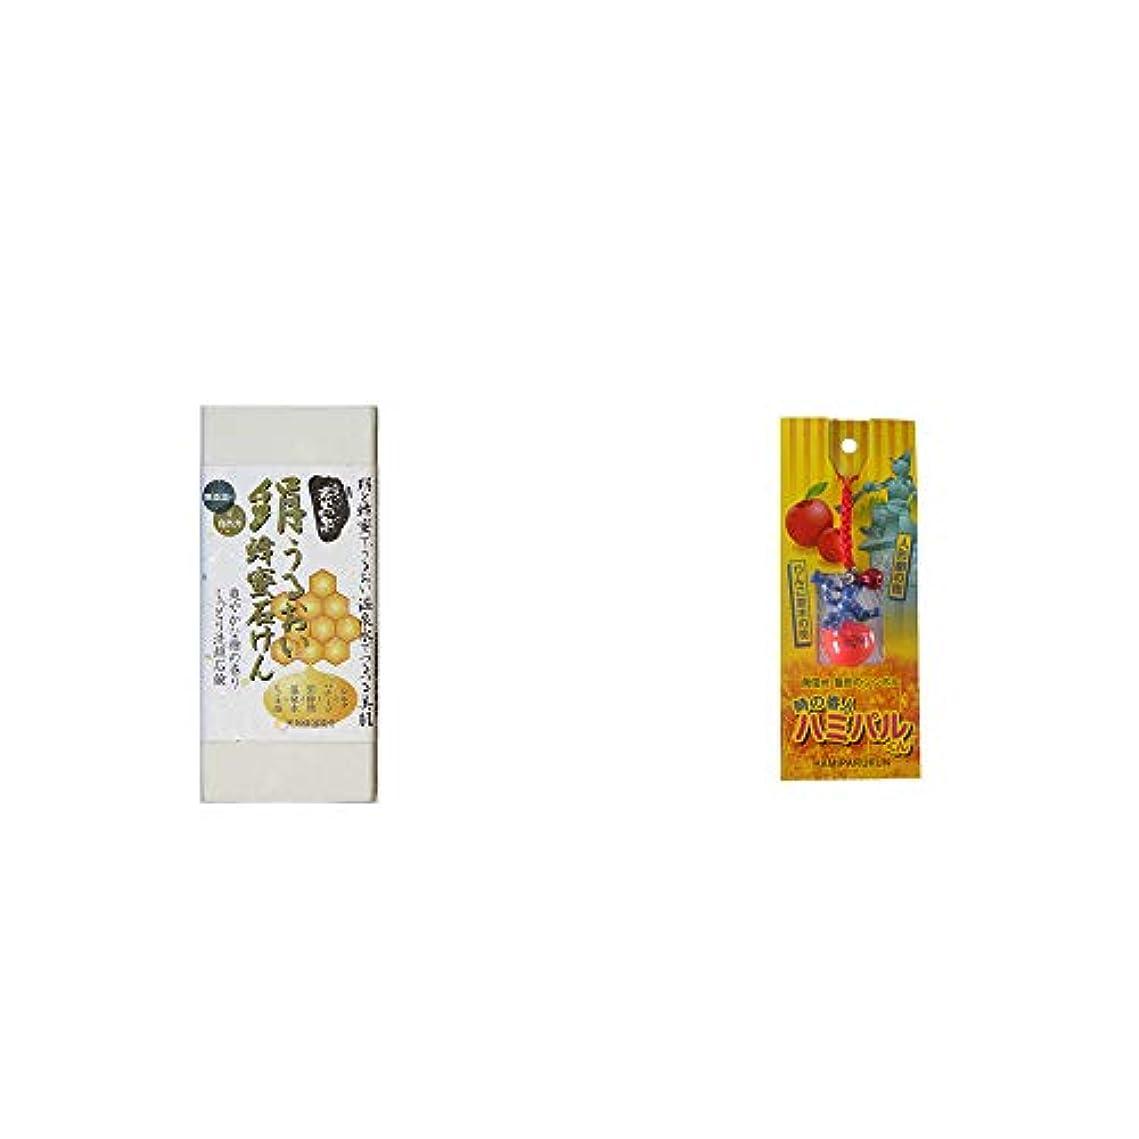 タイトつかいますロビー[2点セット] ひのき炭黒泉 絹うるおい蜂蜜石けん(75g×2)?信州?飯田のシンボル 時の番人ハミパルくんストラップ